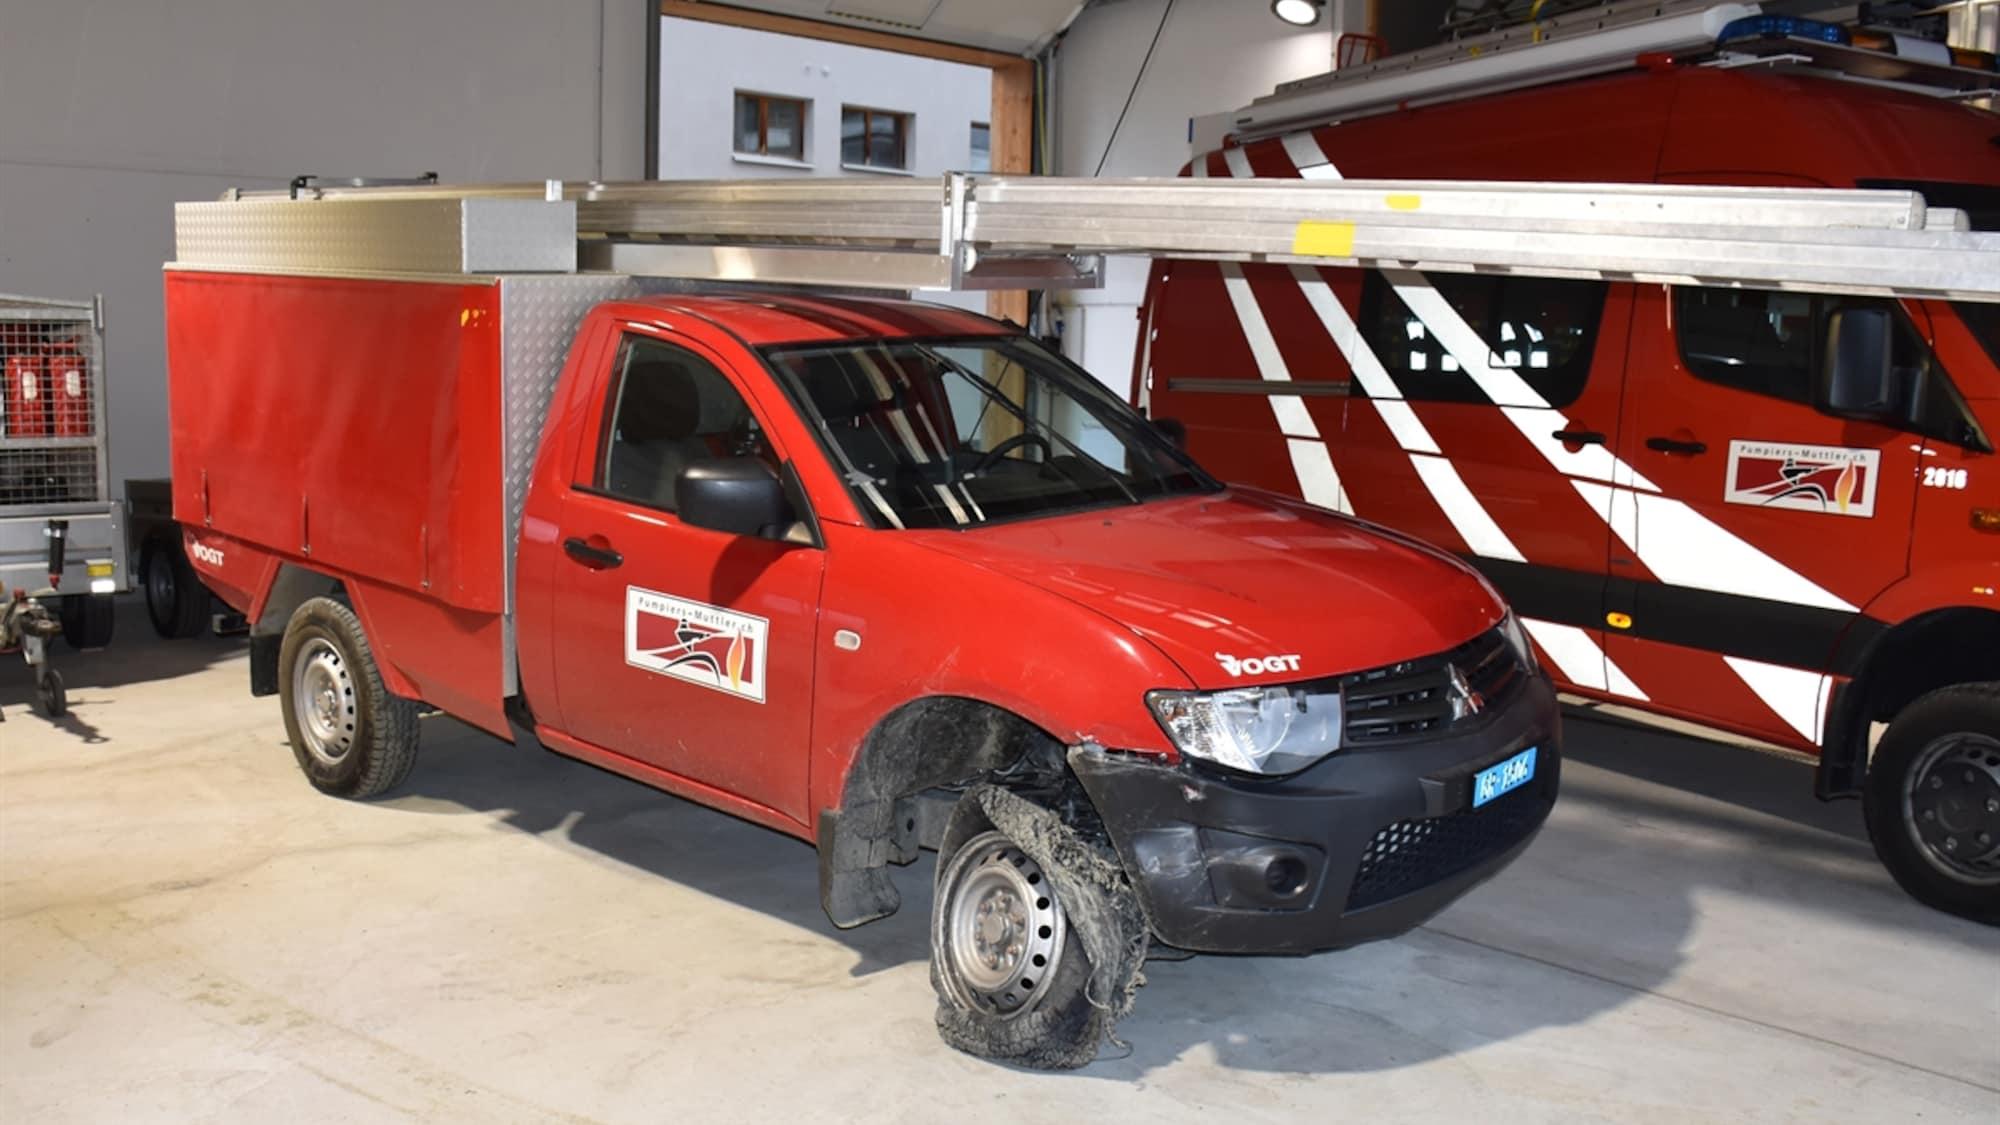 Kaputt wieder in Garage gestellt: Unbekannte klauen Bündner Feuerwehrauto für Spritztour